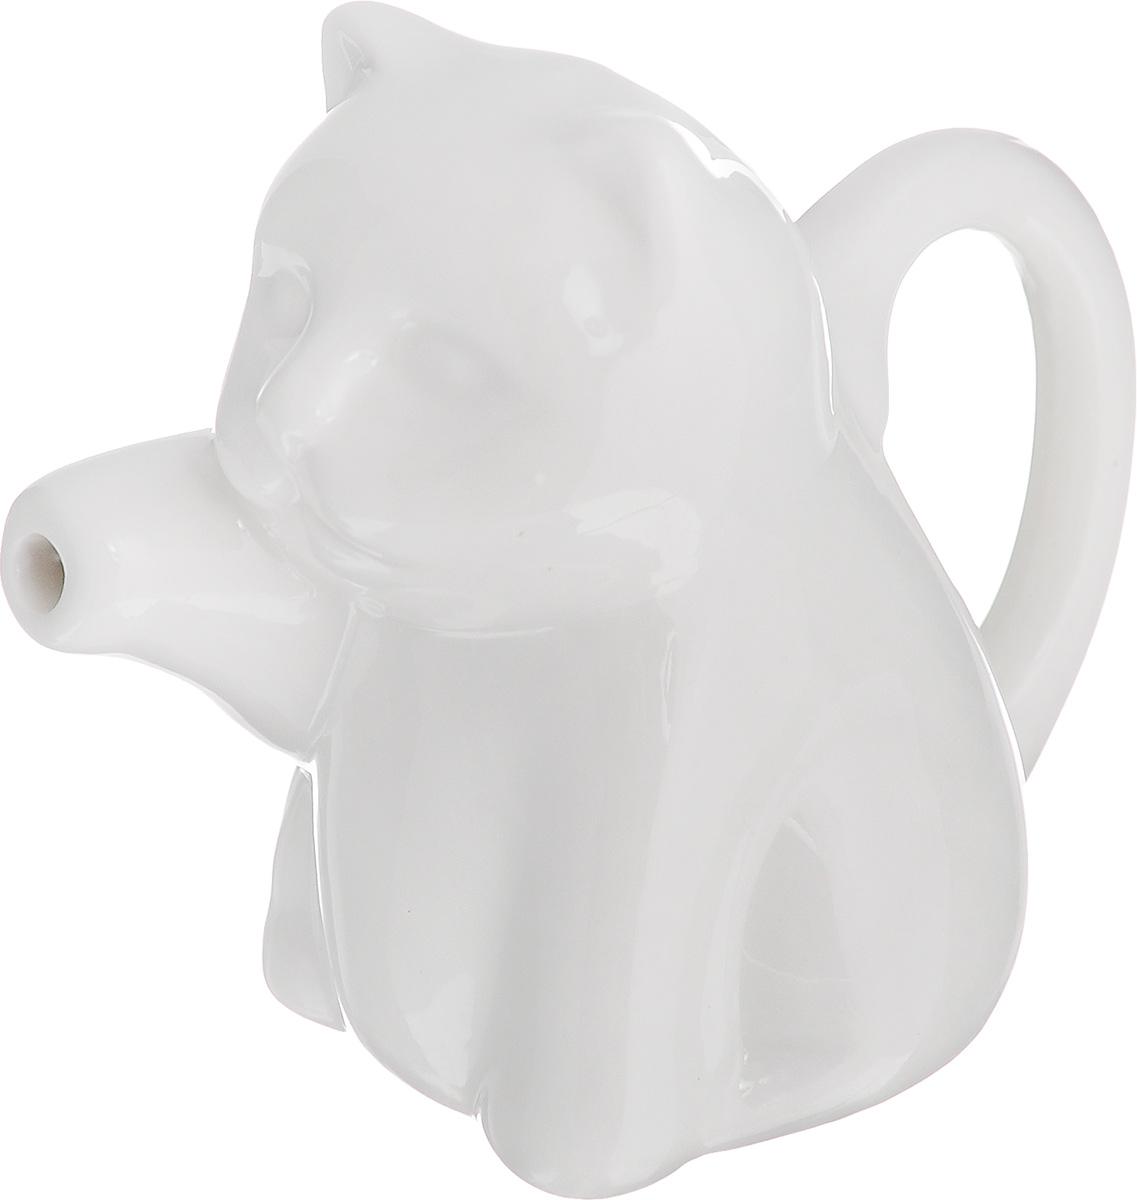 """Молочник Walmer """"Саt"""", изготовленный из высококачественного фарфора, предназначен для  подачи сливок, соуса и молока.  Изящный, но в тоже время простой дизайн молочника, станет прекрасным украшением стола.   Размер молочника: 9 х 5 х 7,5 см."""